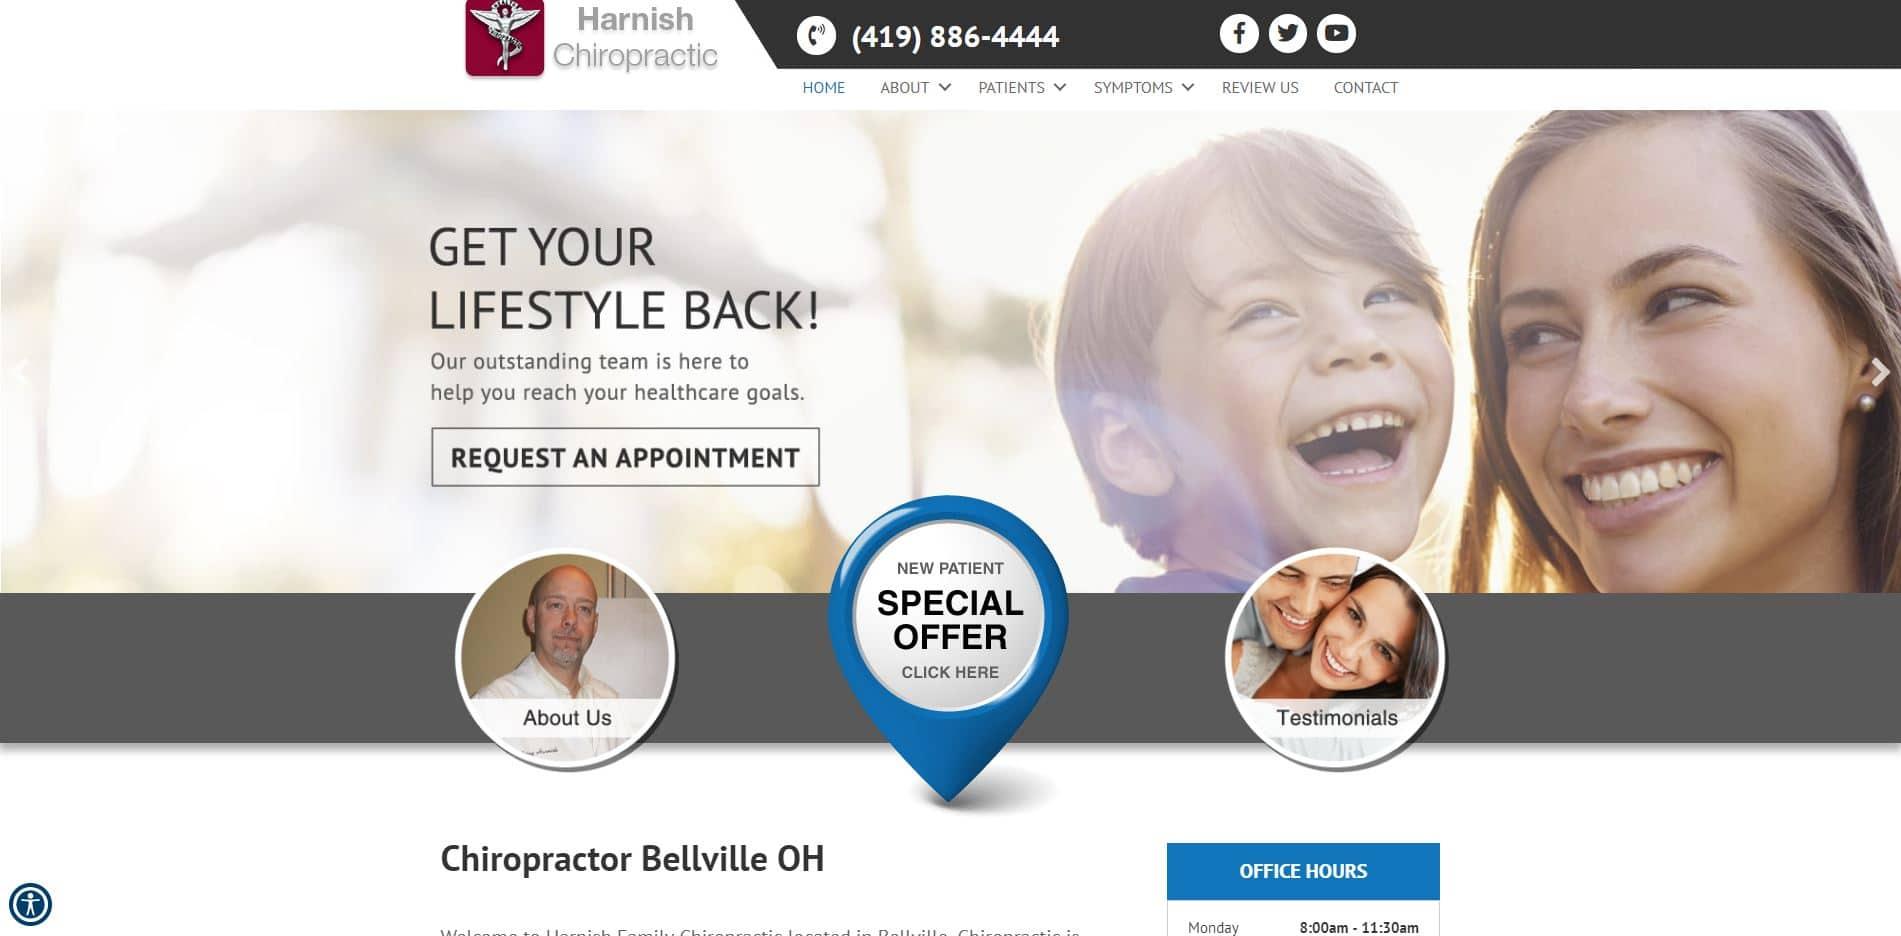 Chiropractor in Bellville